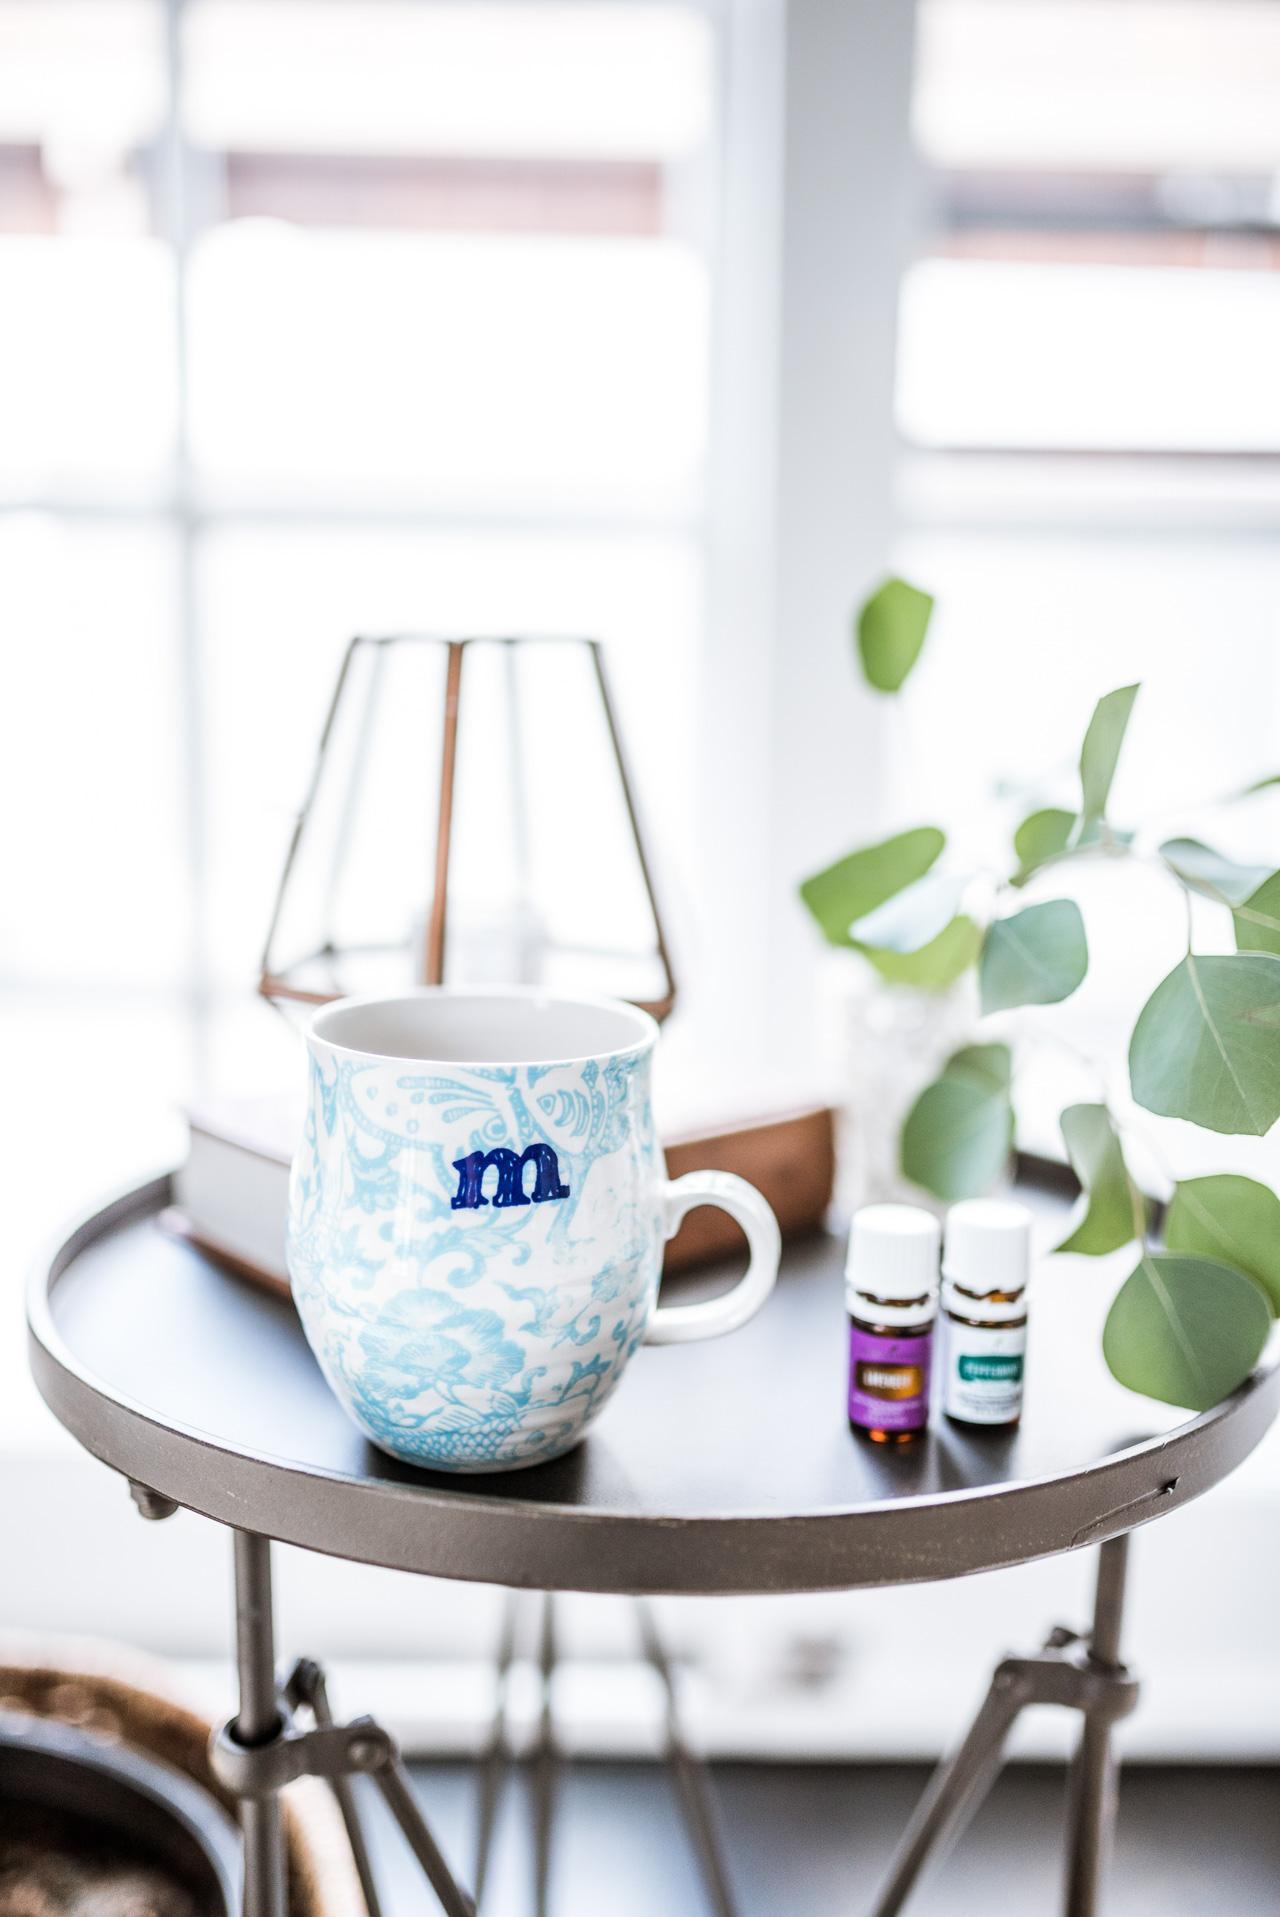 de-stressing with essential oils